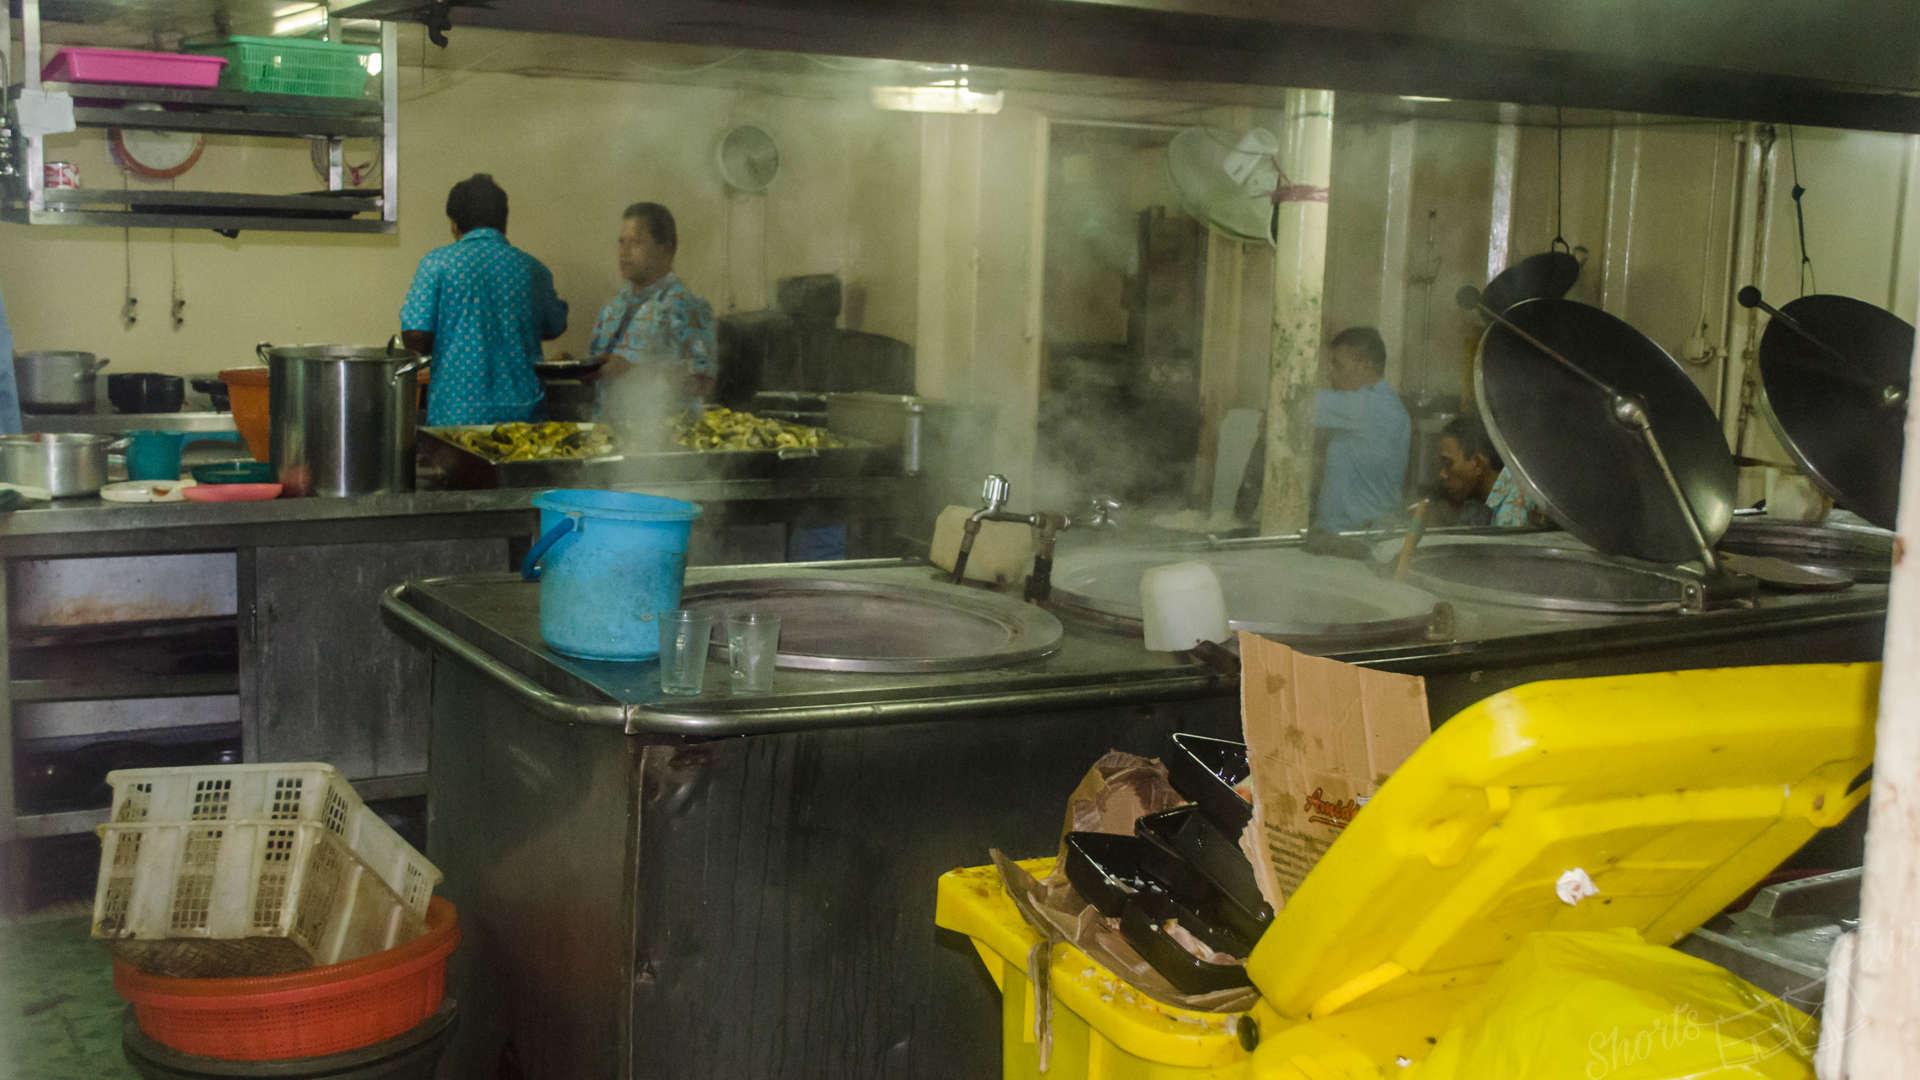 pelni ship, pelni indonesia, pelni kitchen, pelni food, pelni experience